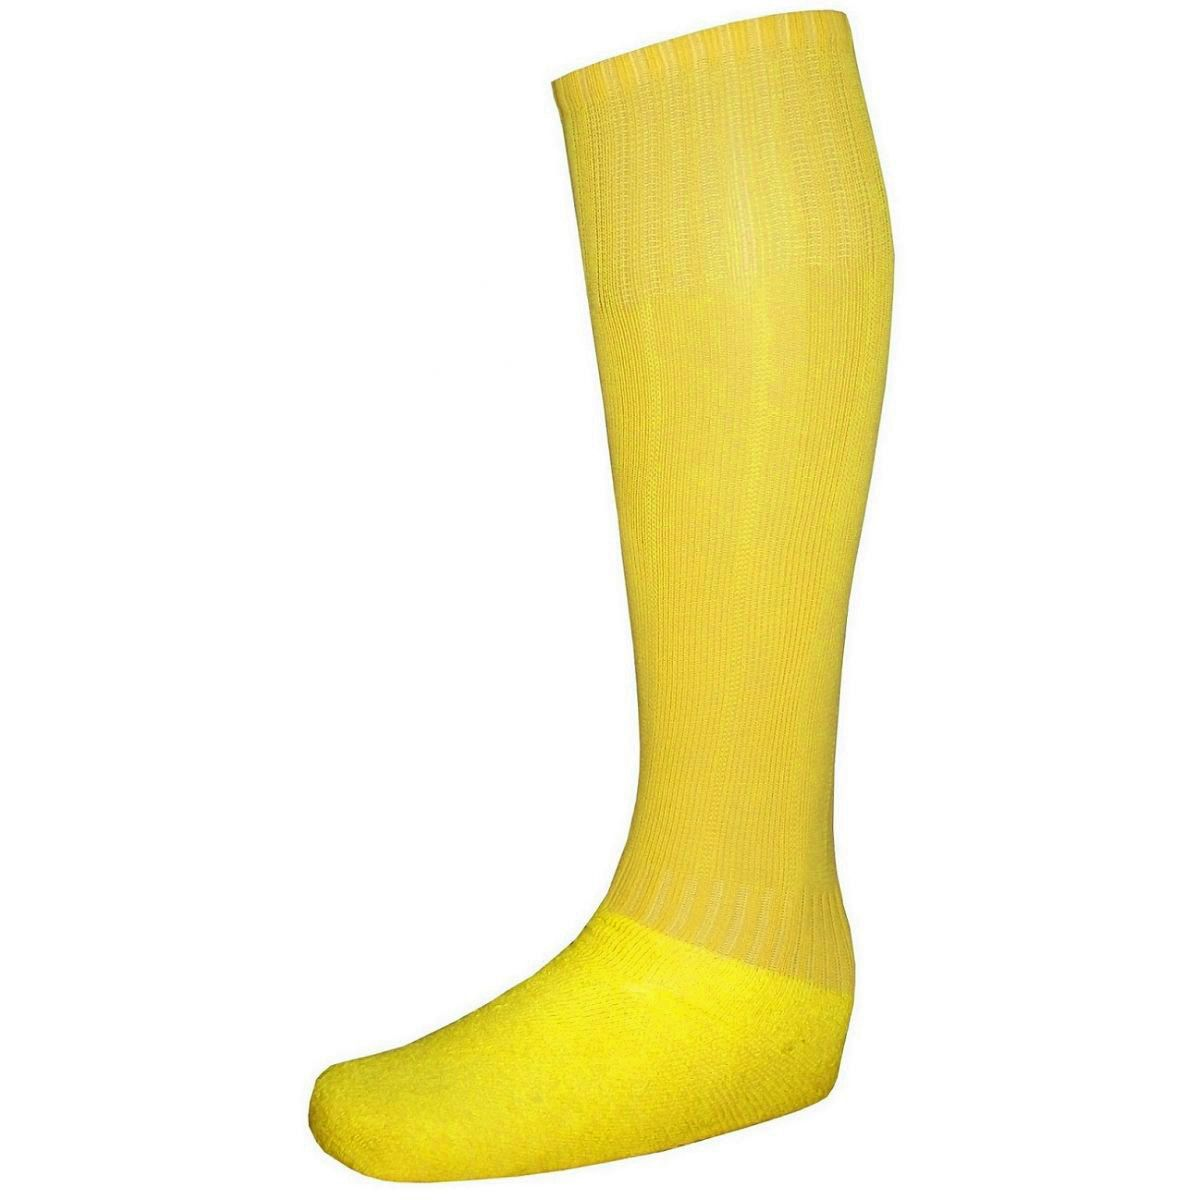 Uniforme Esportivo Completo modelo Suécia 14+1 (14 camisas Amarelo/Preto + 14 calções Madrid Preto + 14 pares de meiões Amarelos + 1 conjunto de goleiro) + Brindes